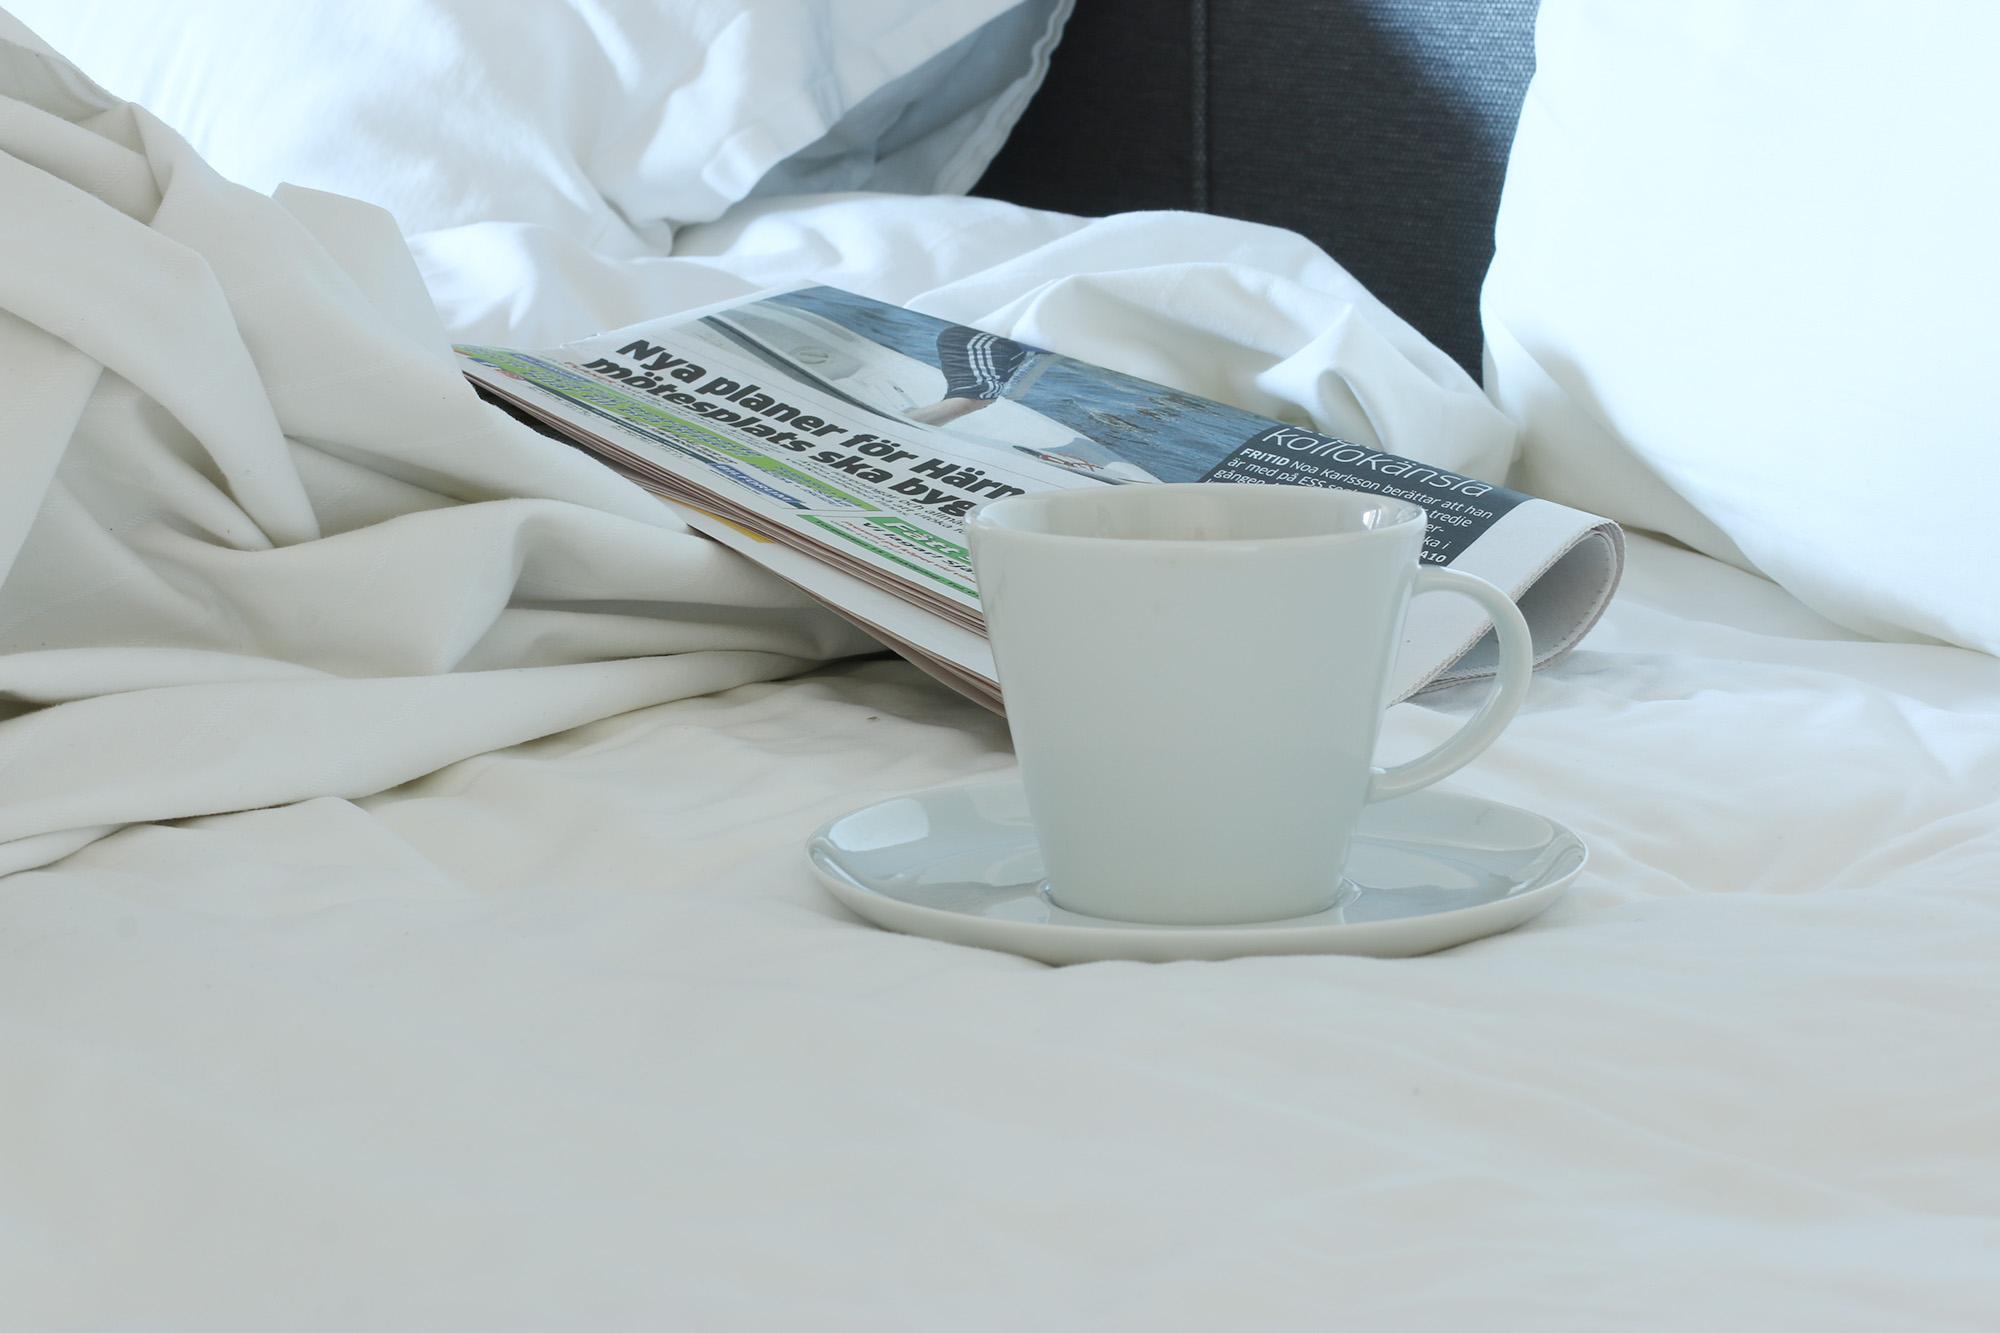 IMG_9977 frukost på sängen.